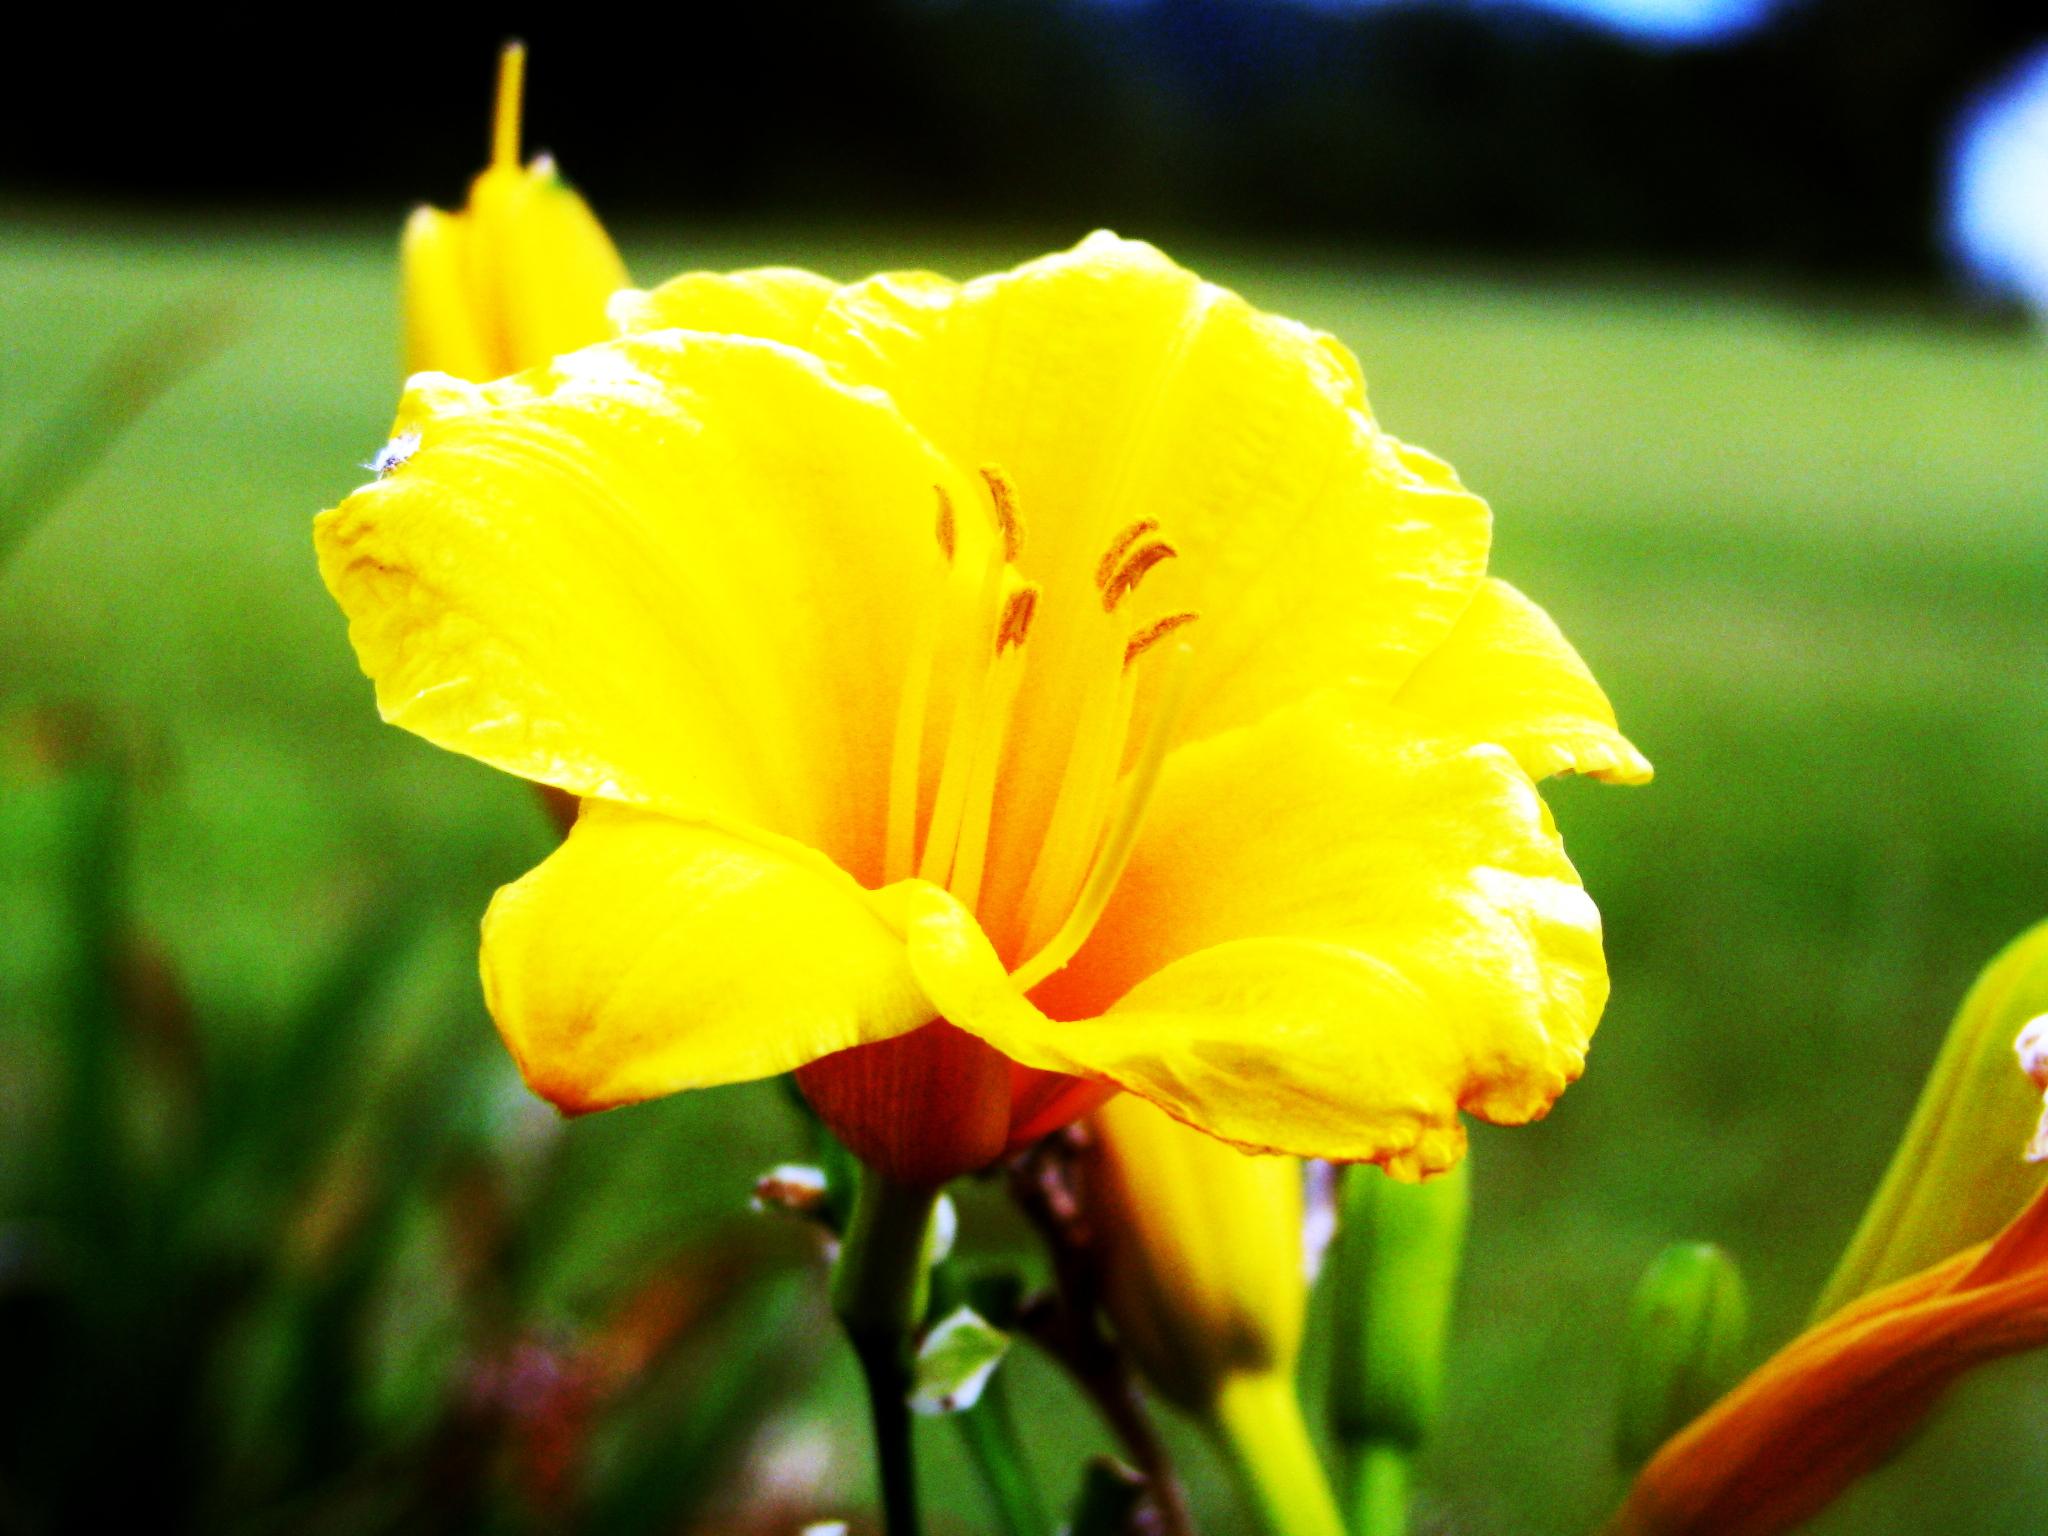 Day Lily. (Hemerocallis).